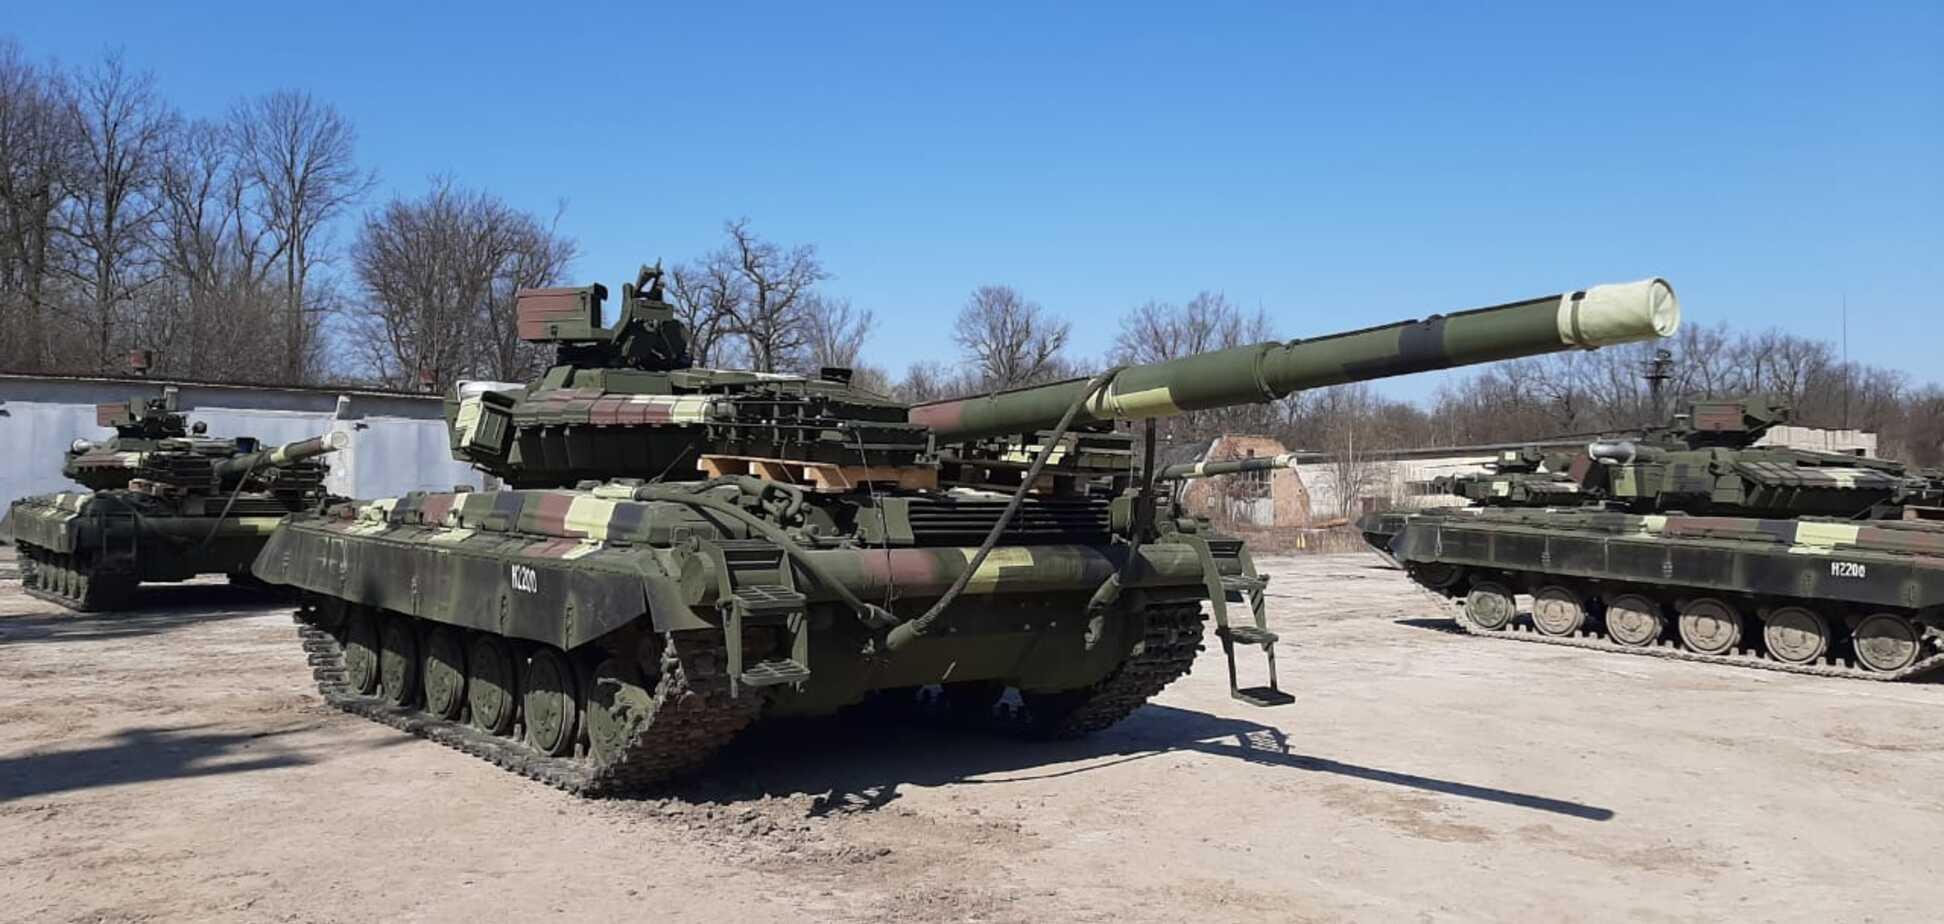 ВСУ получили новую партию танков от 'Укроборонпрома'